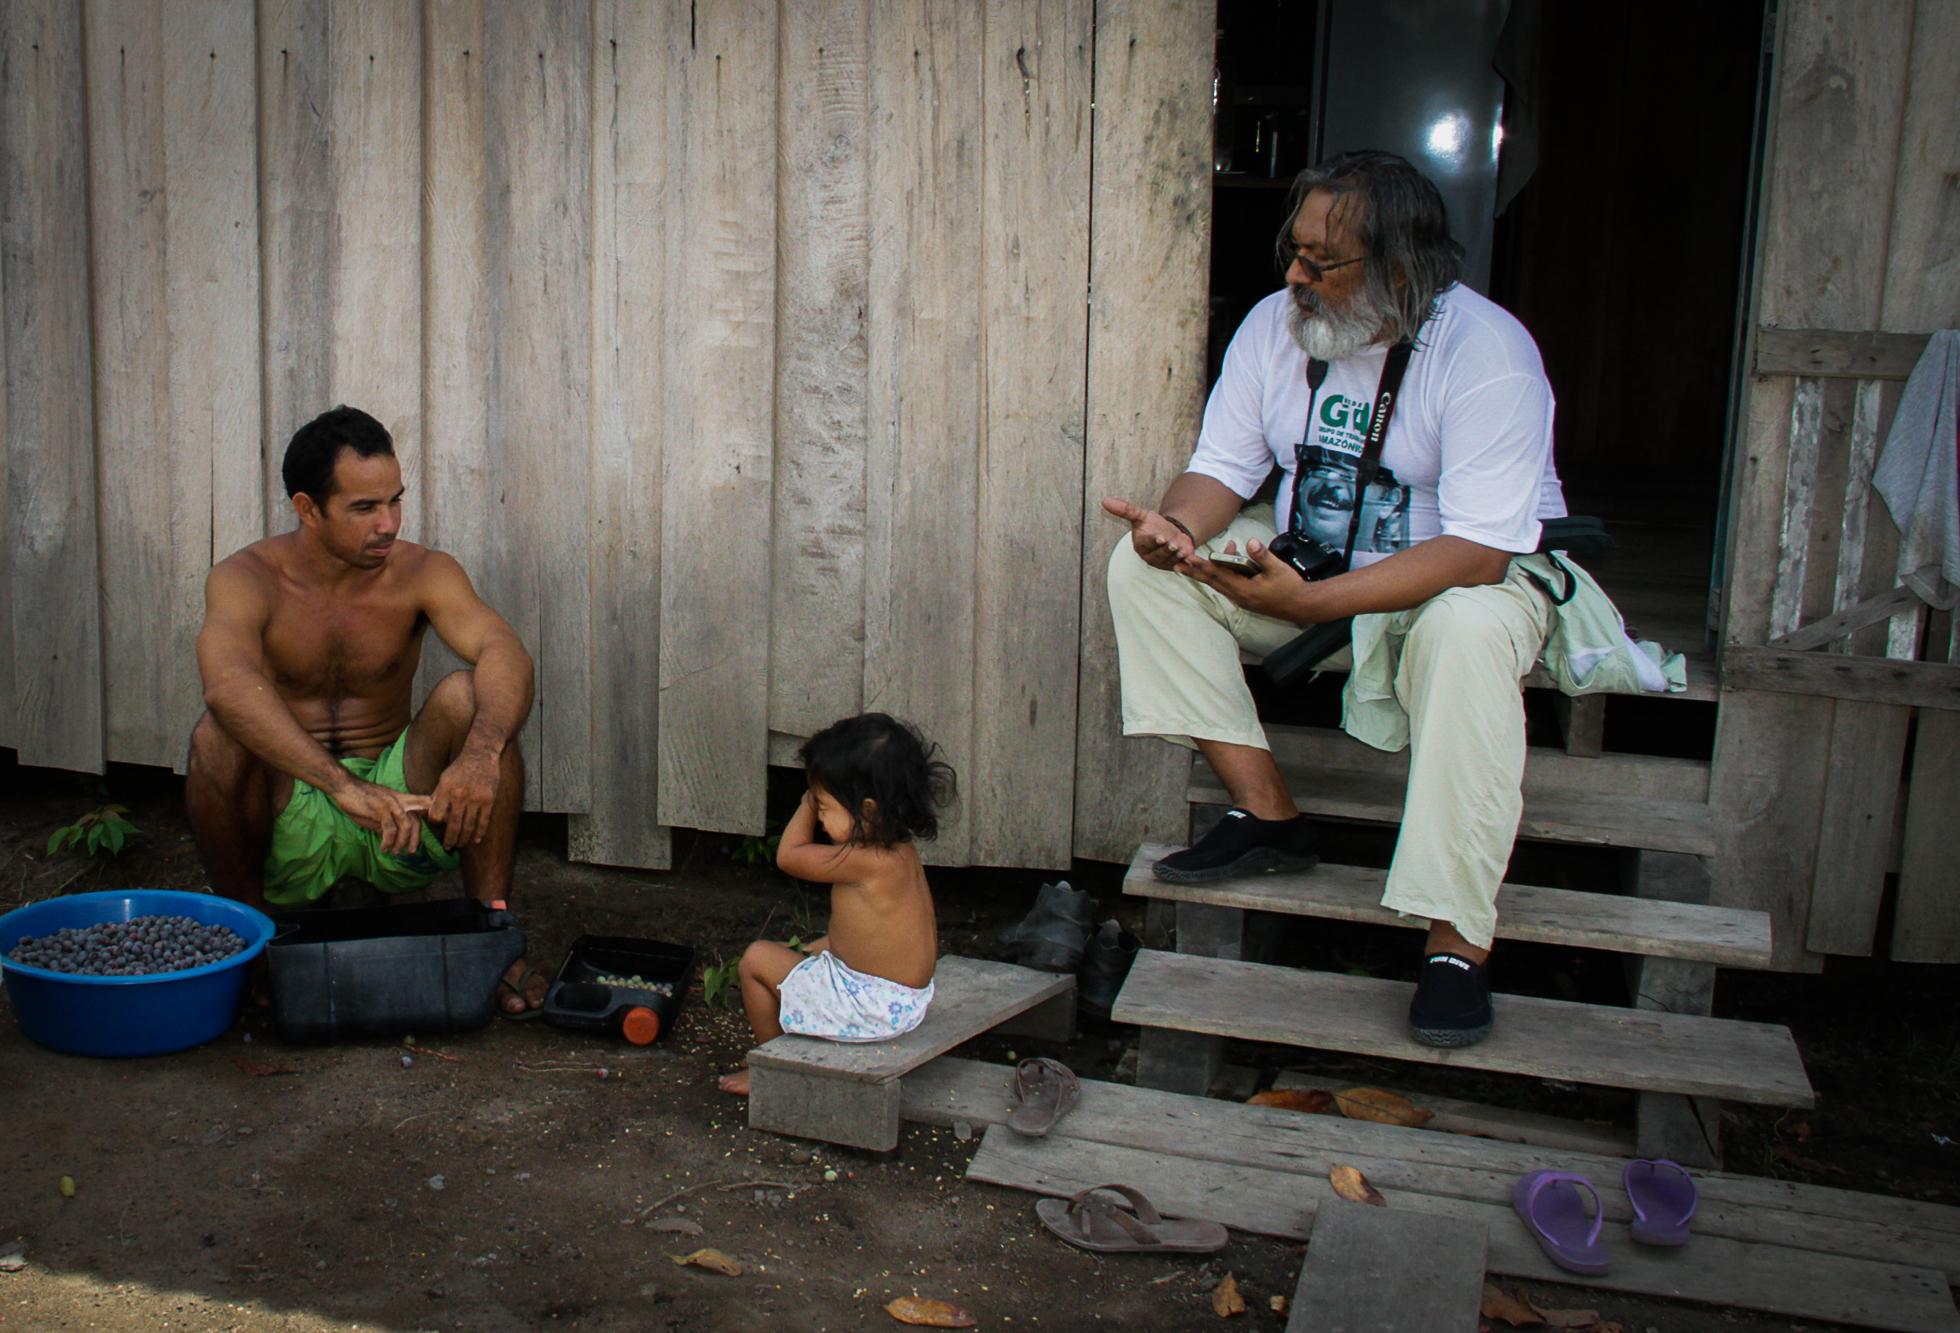 Amigos destacam o legado de luta de Rubens Gomes pelos povos da Amazônia